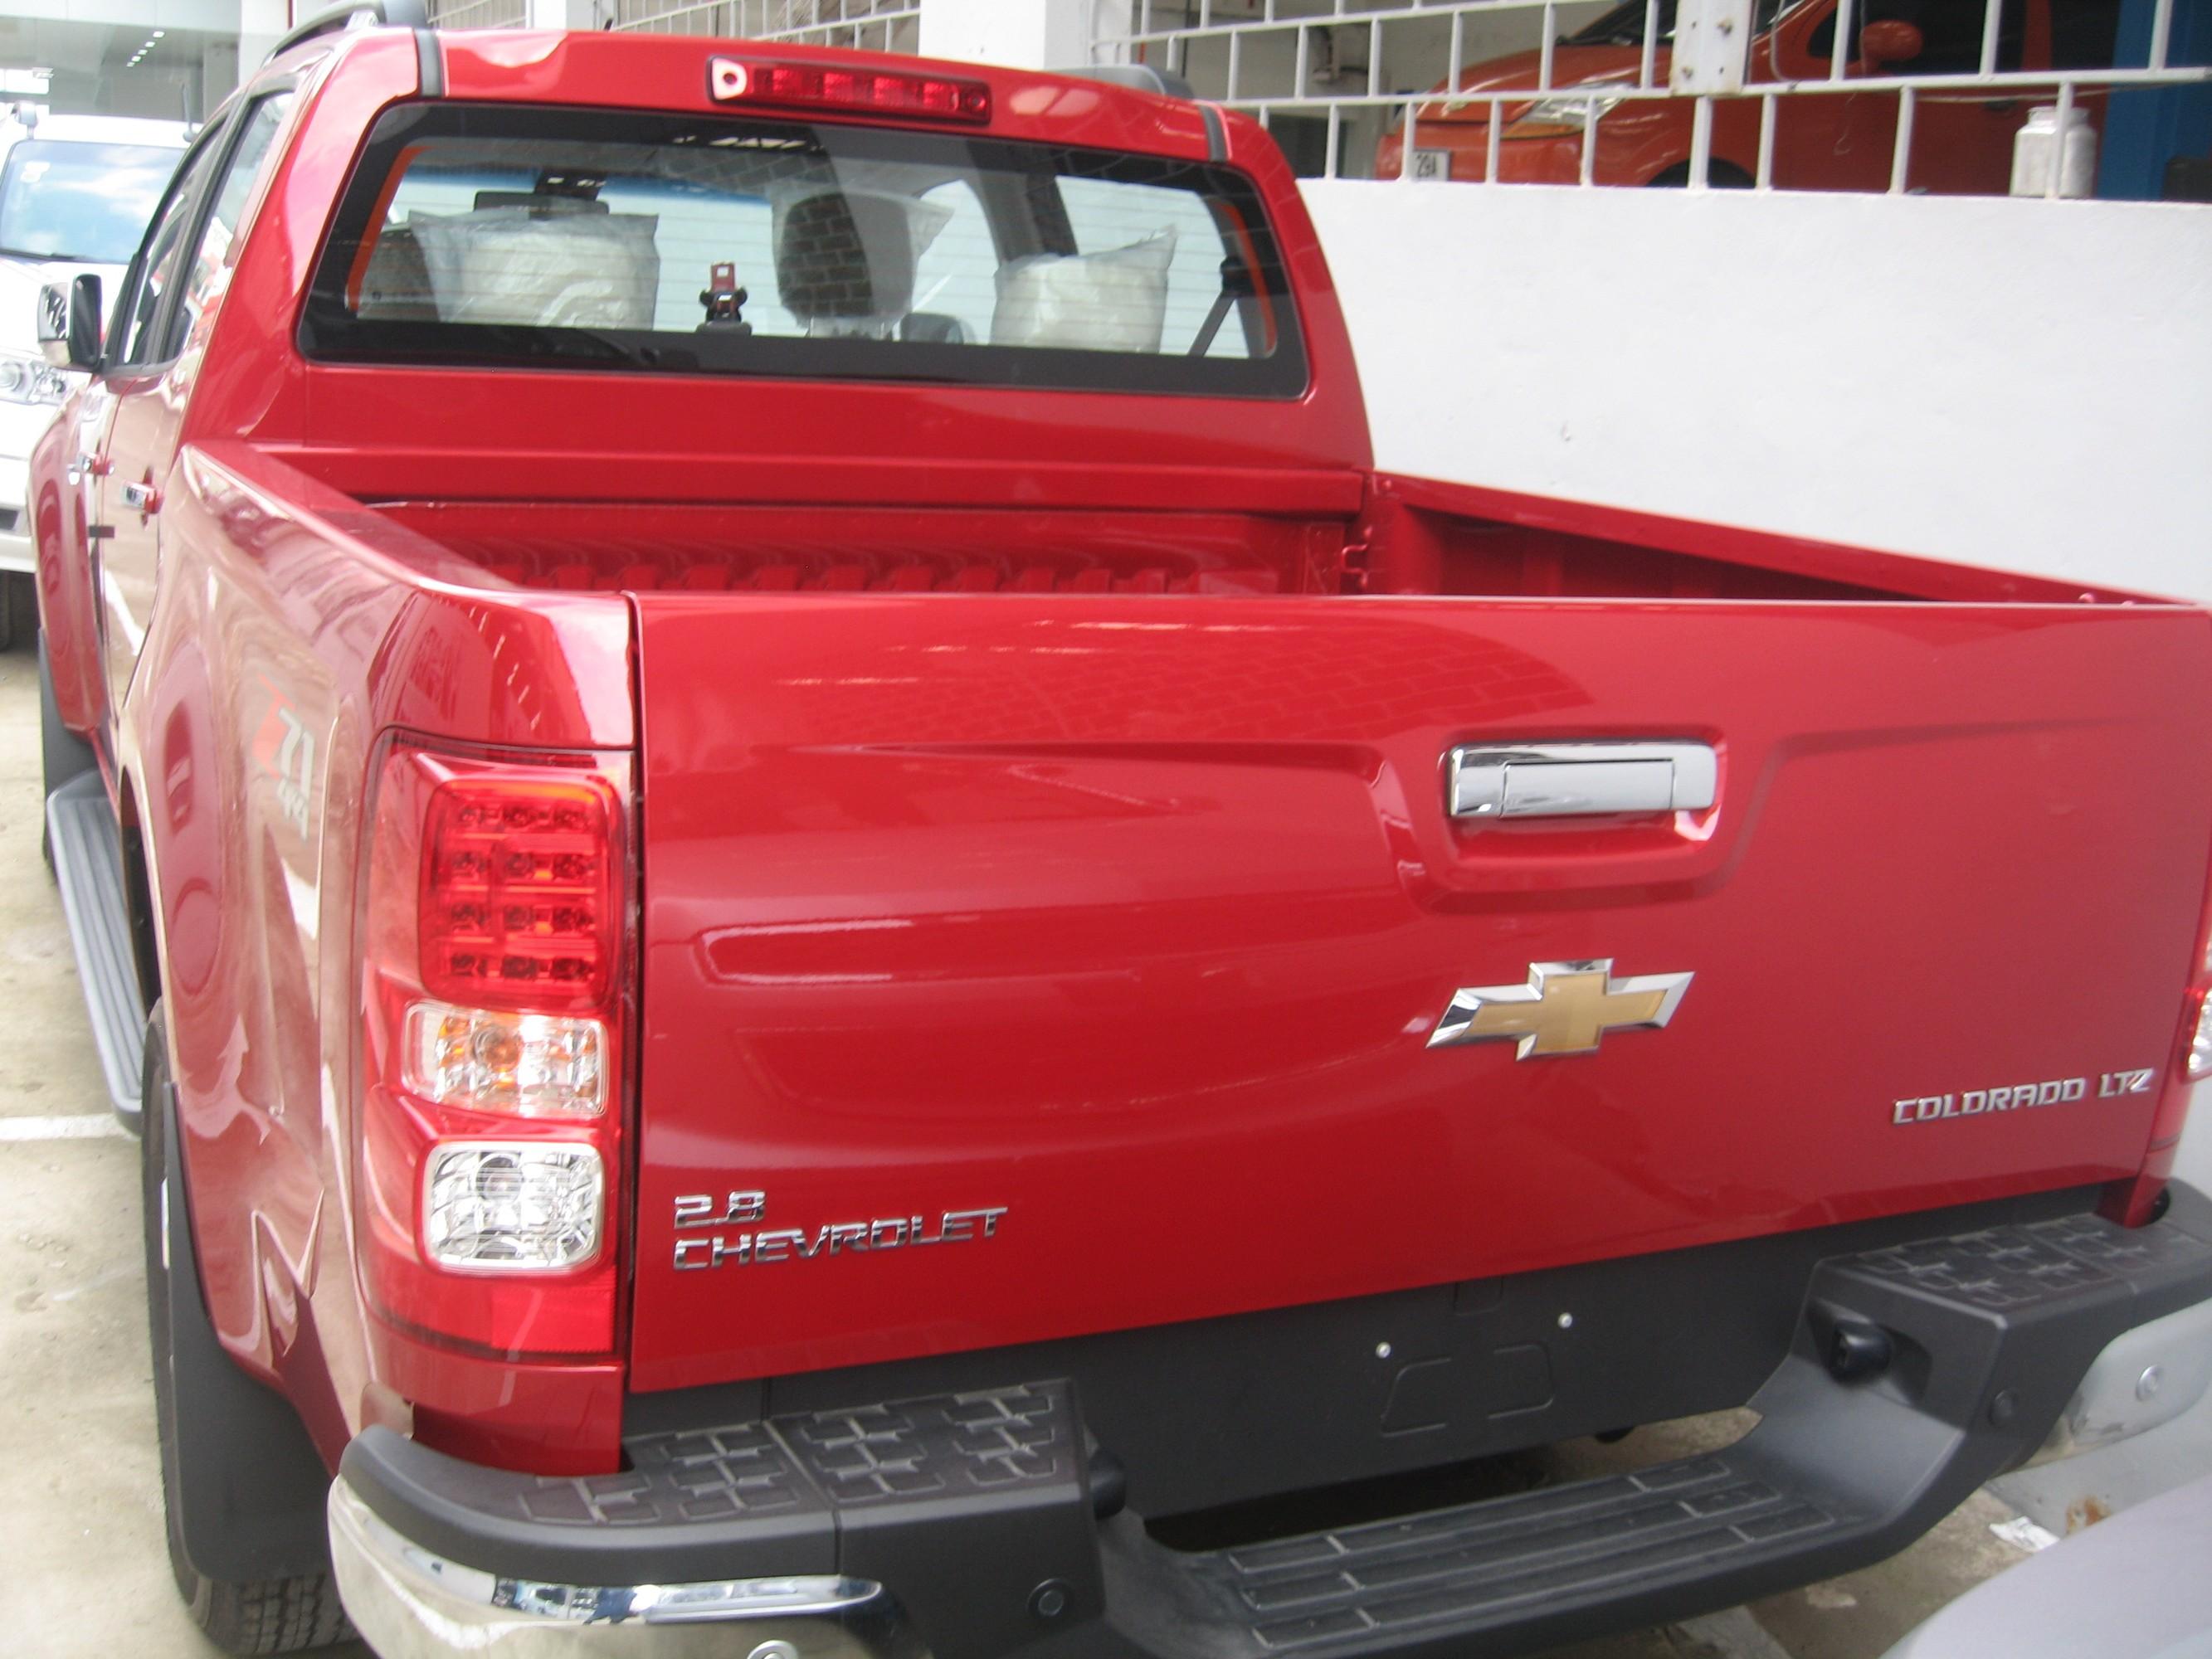 Hãy chọn đại lý Chevrolet Hà Nội để mua Colorado 2.8 ltz.Quý khách sẽ hài lòng về giá và dịch vụ sau bán hàng. Ảnh số 37867279